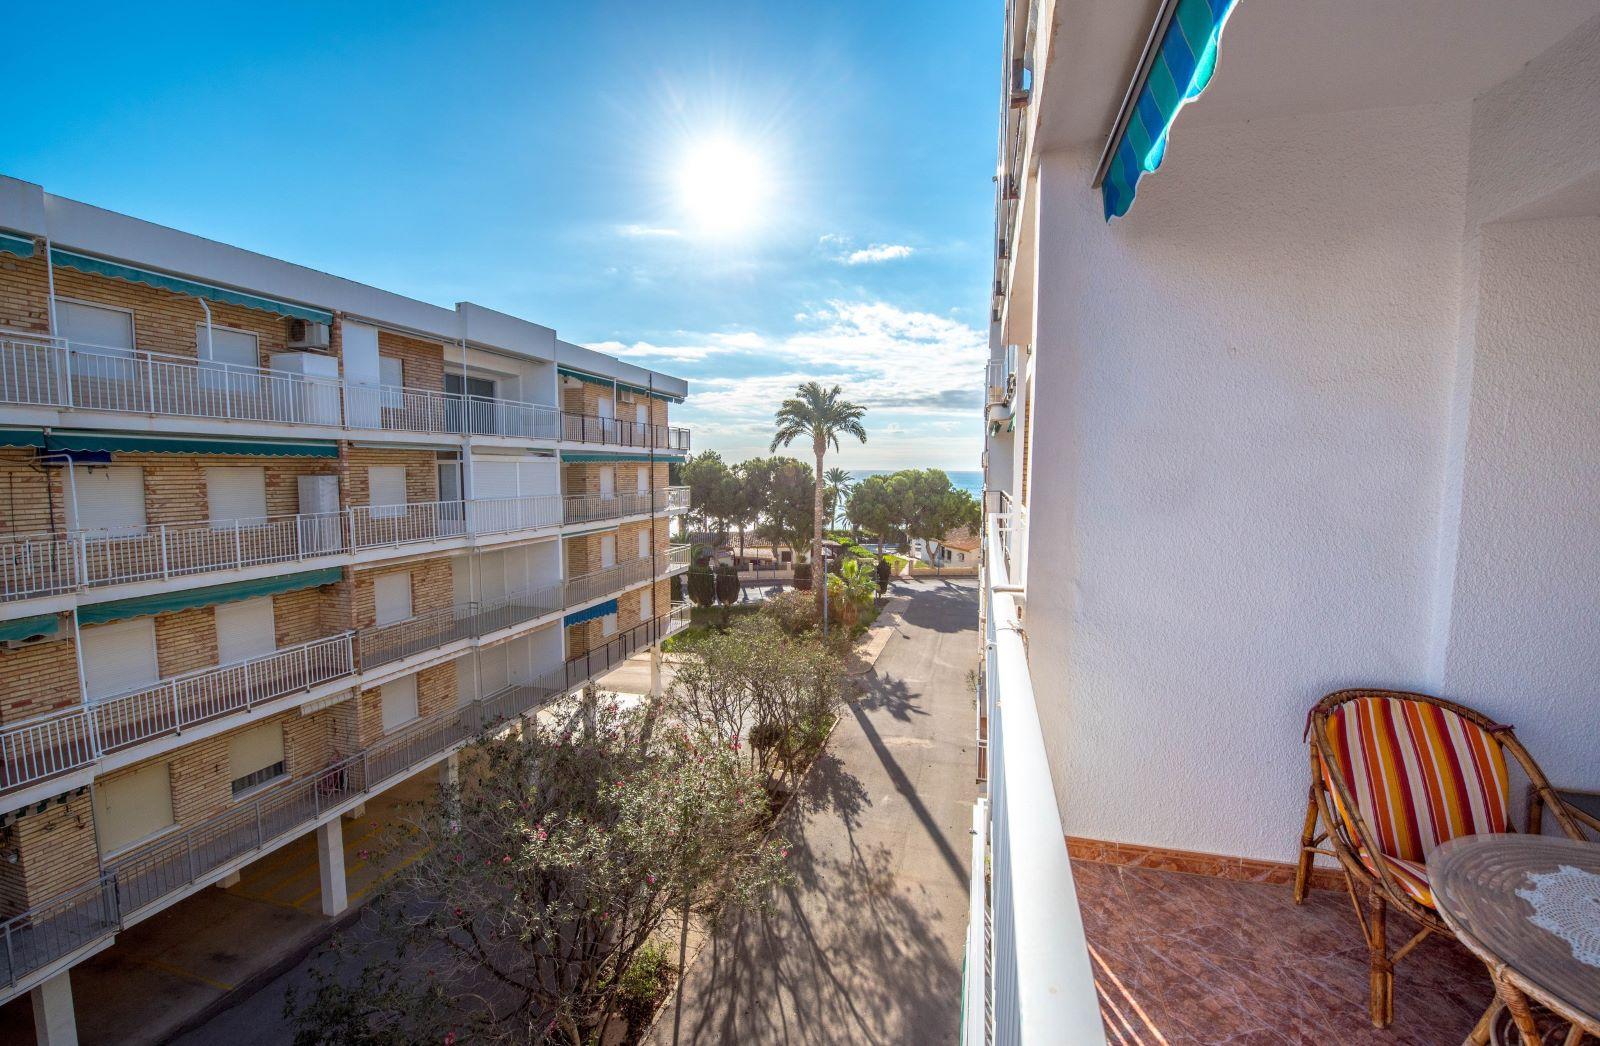 Аликанте испания дешевая недвижимость